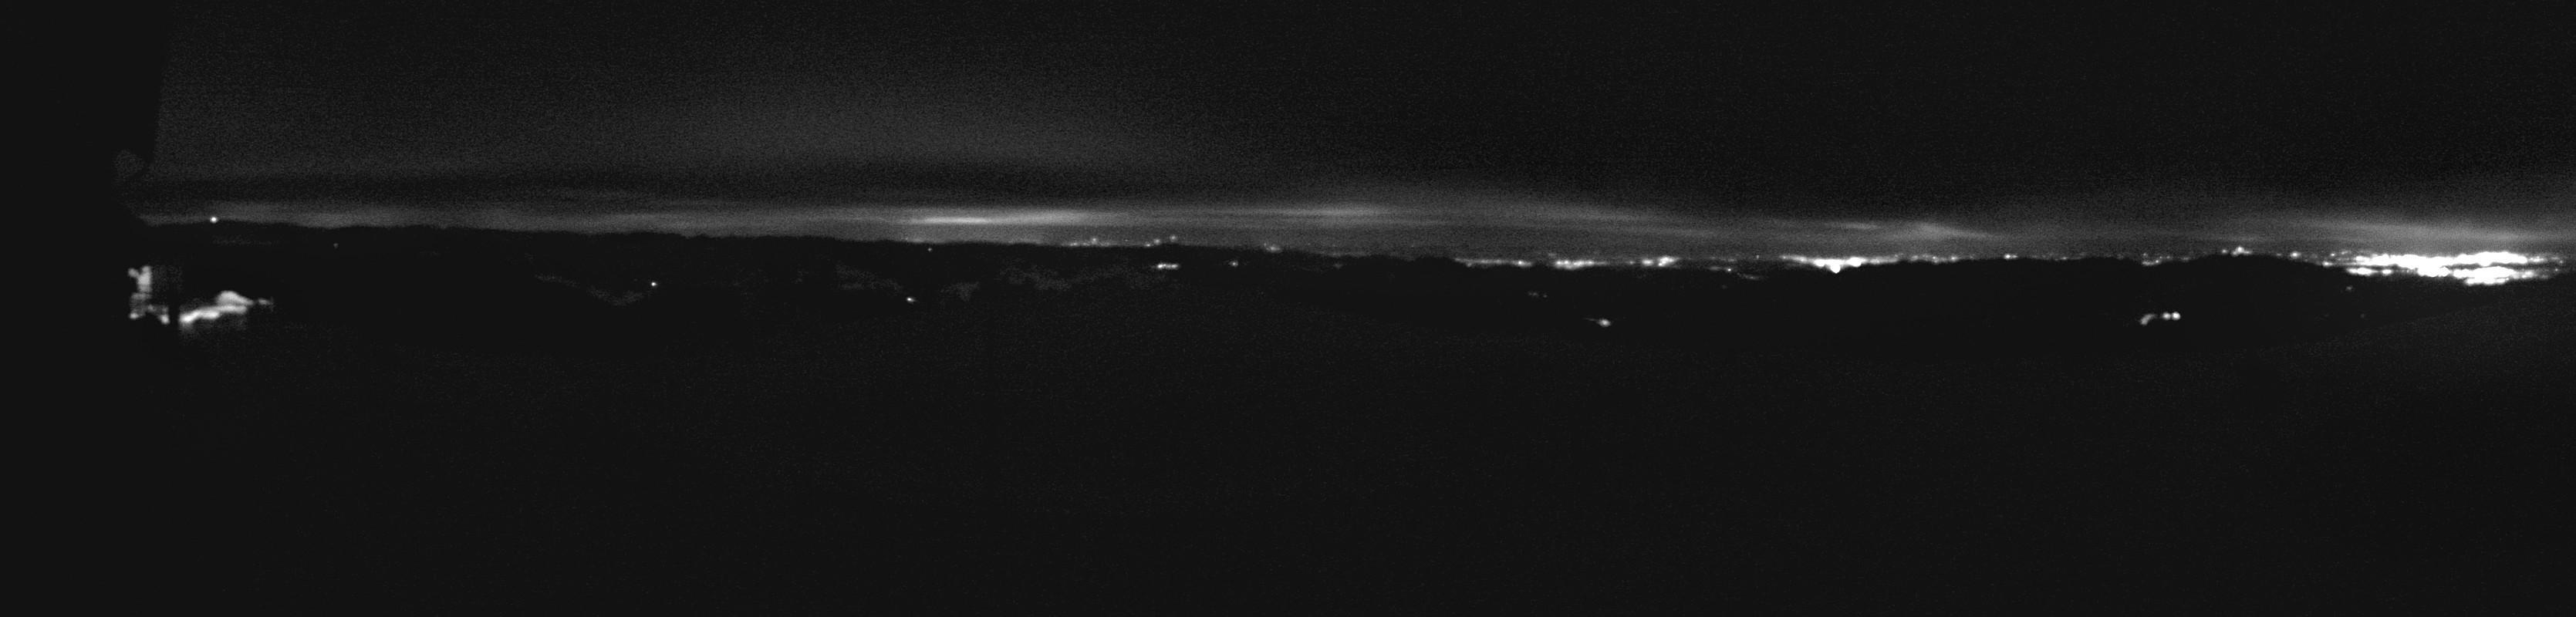 41h ago - 06:33